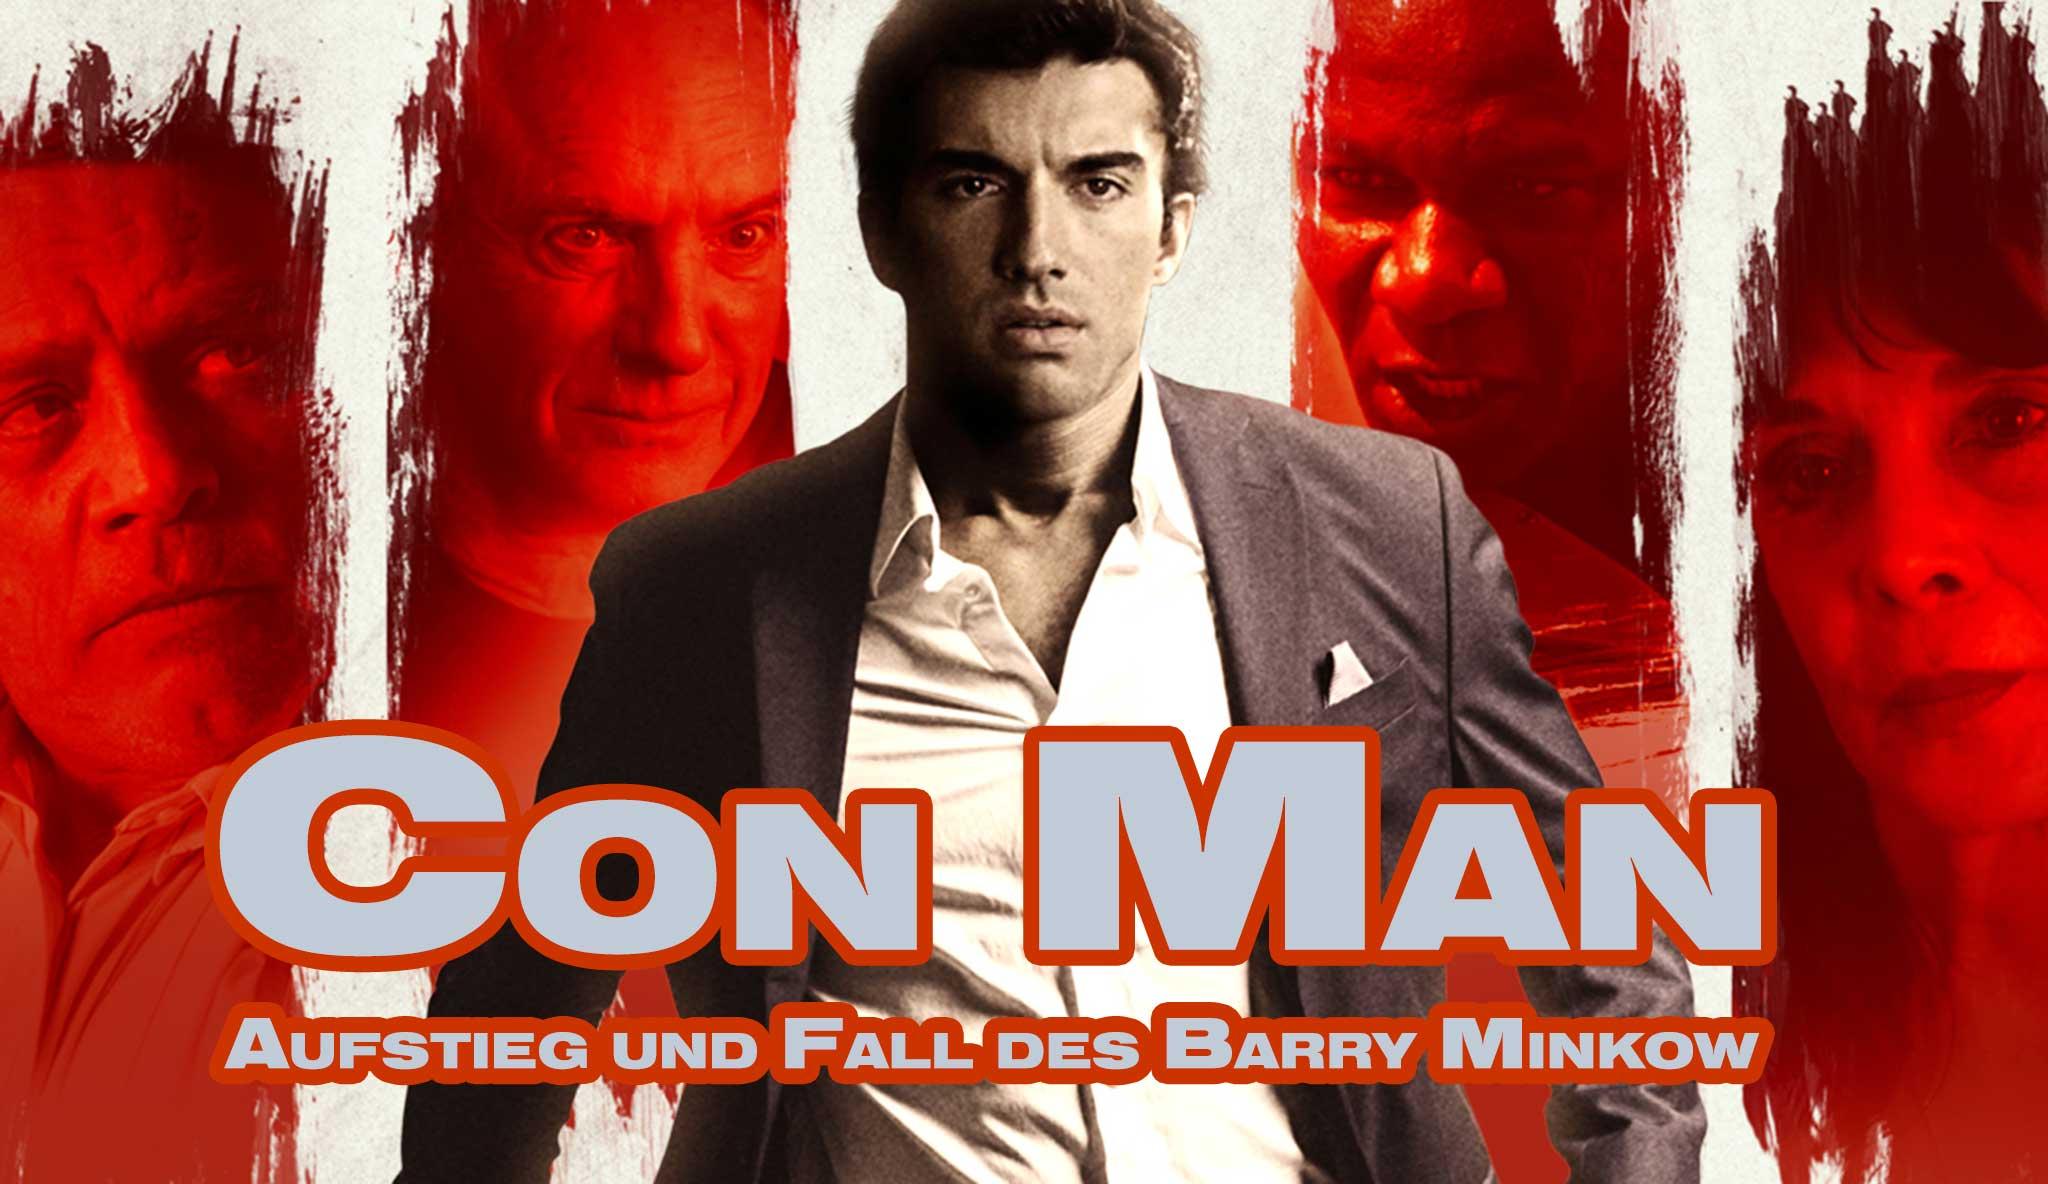 con-man-aufstieg-und-fall-des-barry-minkow\header.jpg